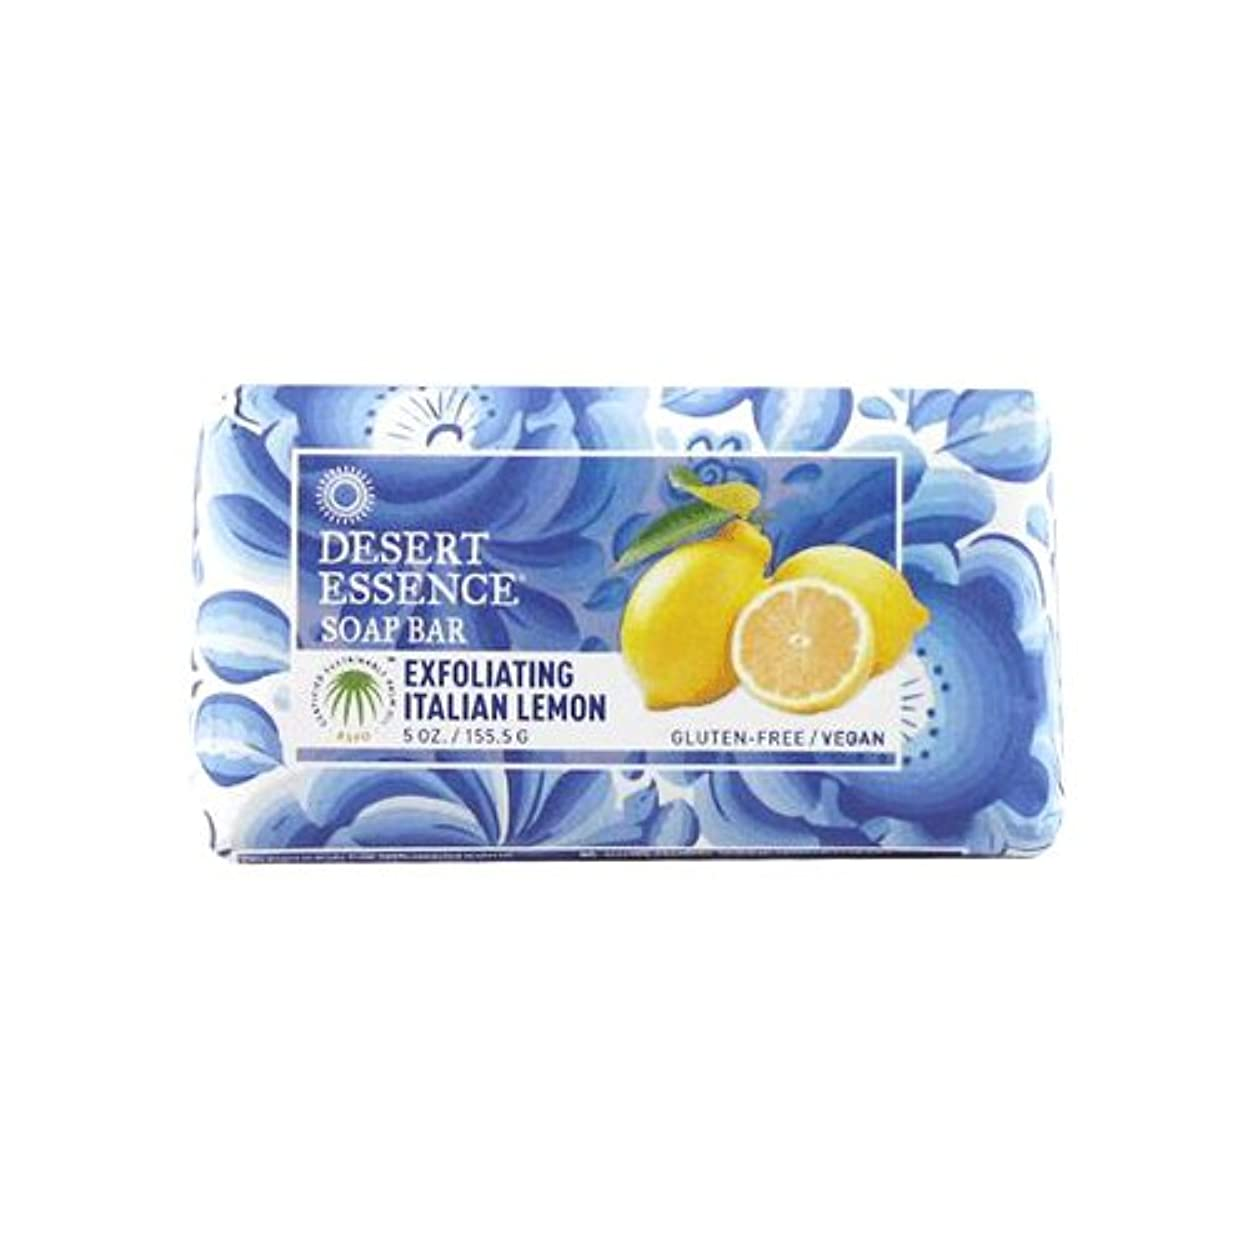 明らか微妙レンドDesert Essence Bar Soap - Exfoliating Italian Lemon - 5 oz